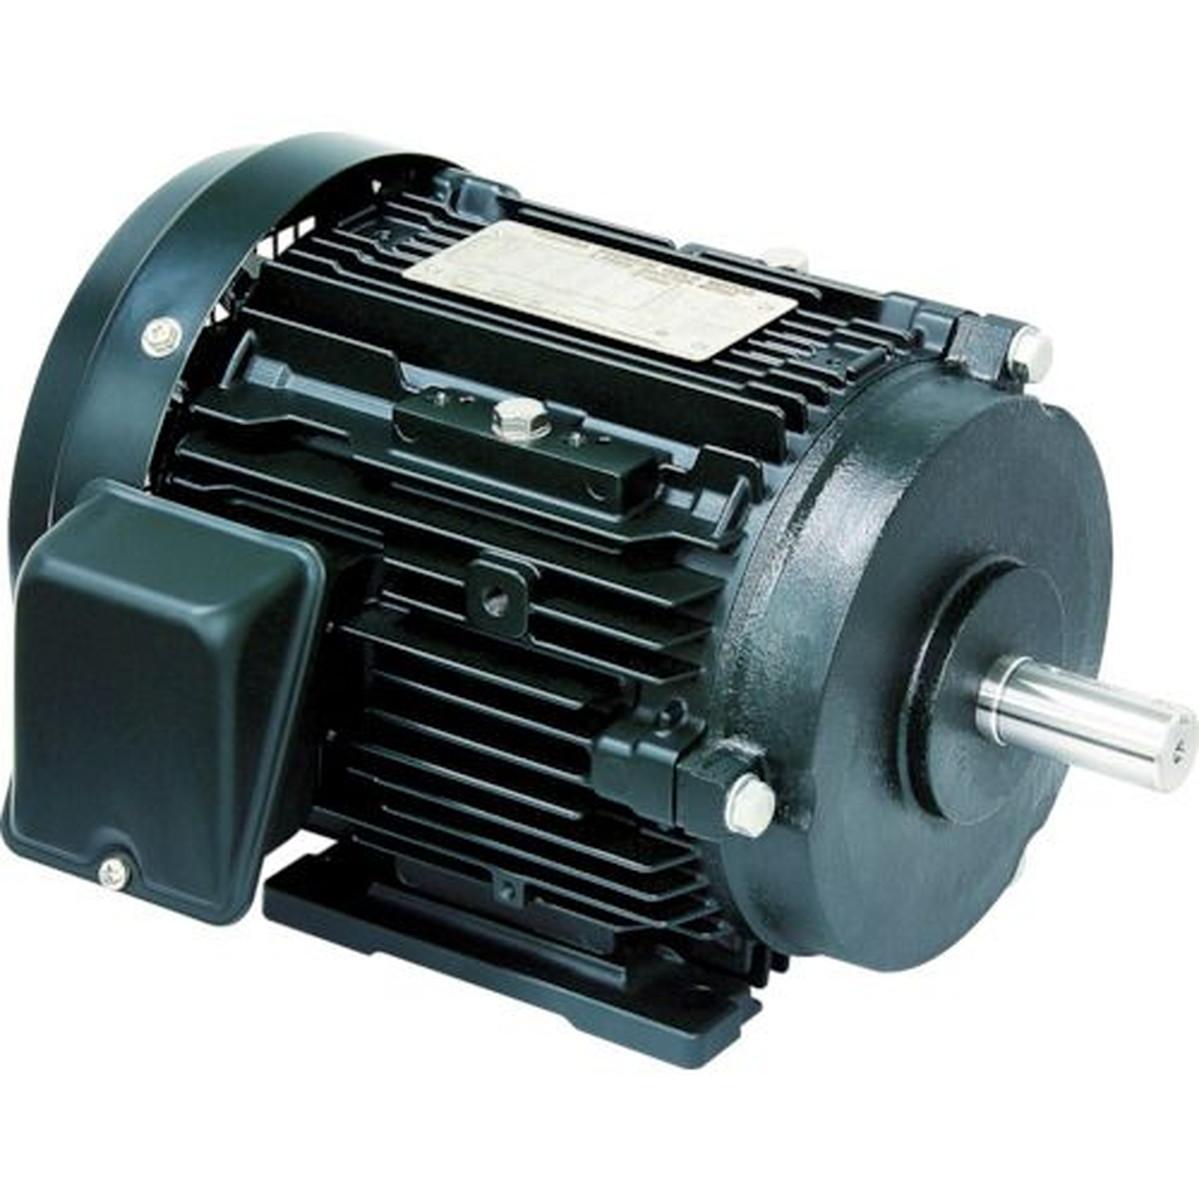 欲しいの 東芝 高効率モータ プレミアムゴールドモートル 45kW 1個, ニシアザイチョウ ce4cfb36